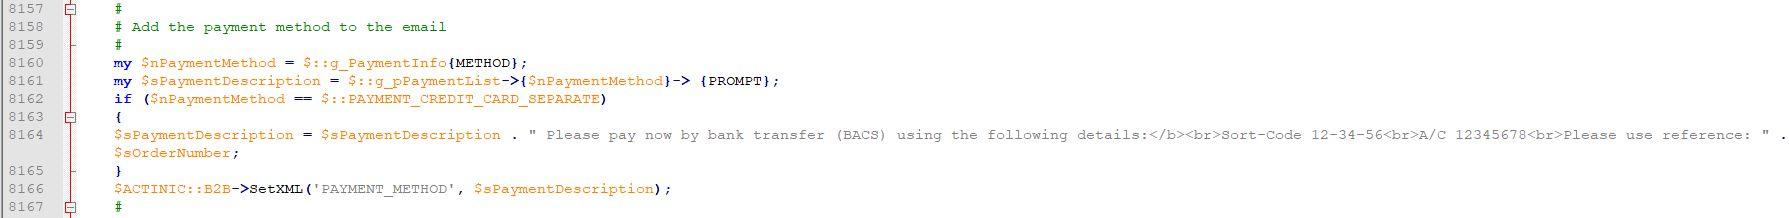 Edit order script pl